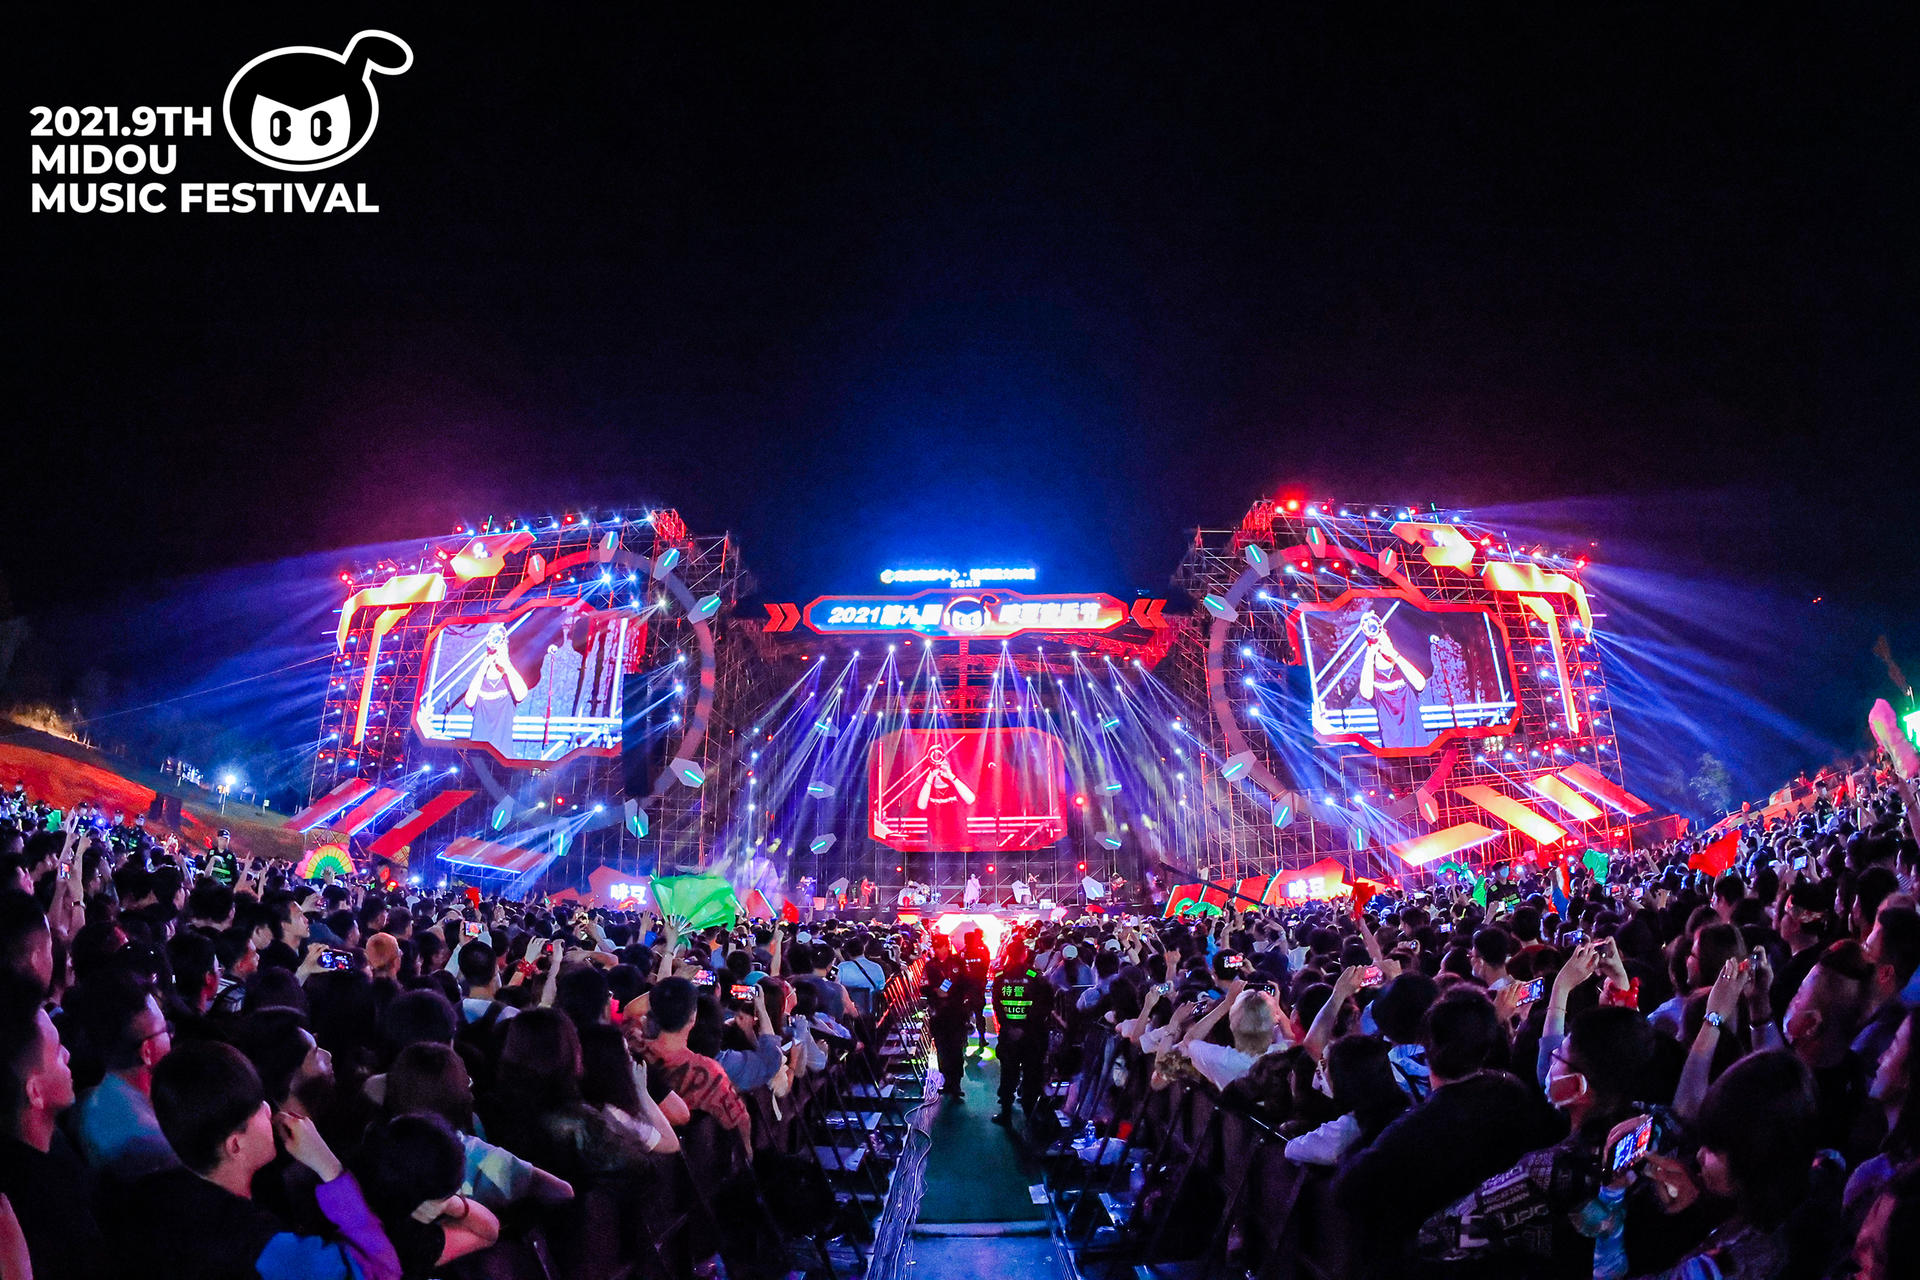 第九届咪豆音乐节两日双舞台音乐狂欢活动策划全面升级,阵容不可小视